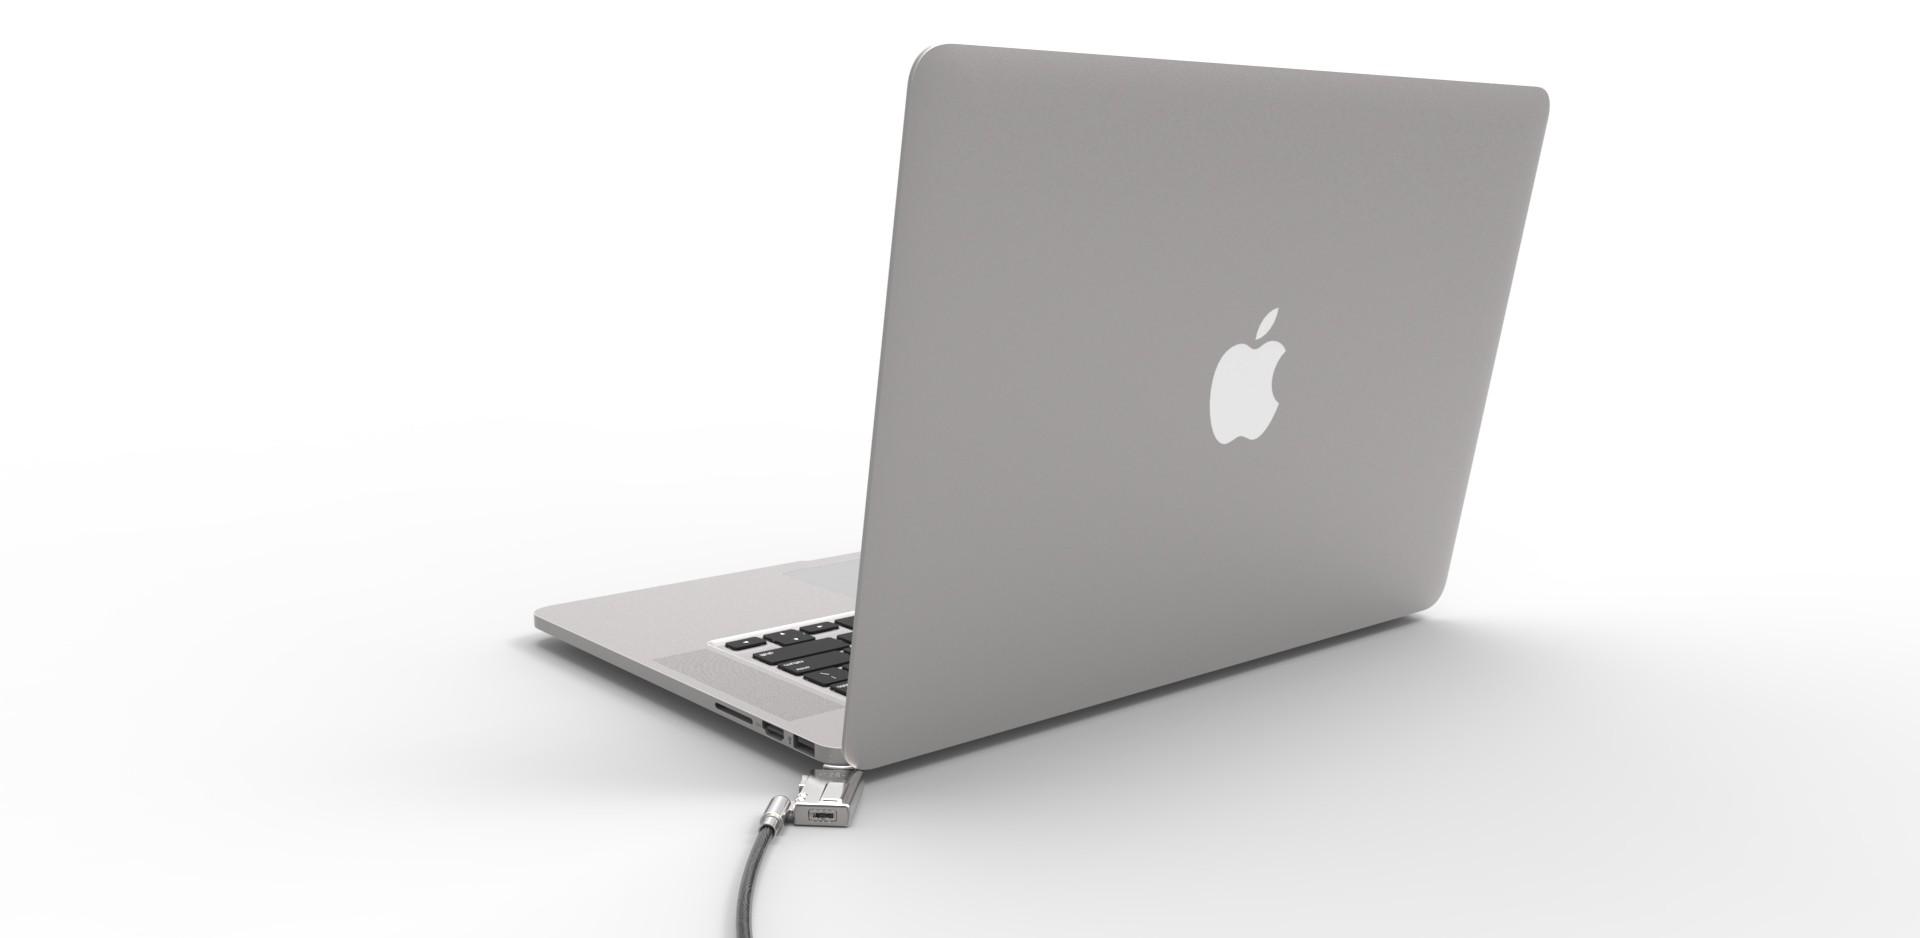 Harga Macbook Apple Baru, Harga dan Kualitas Sebanding